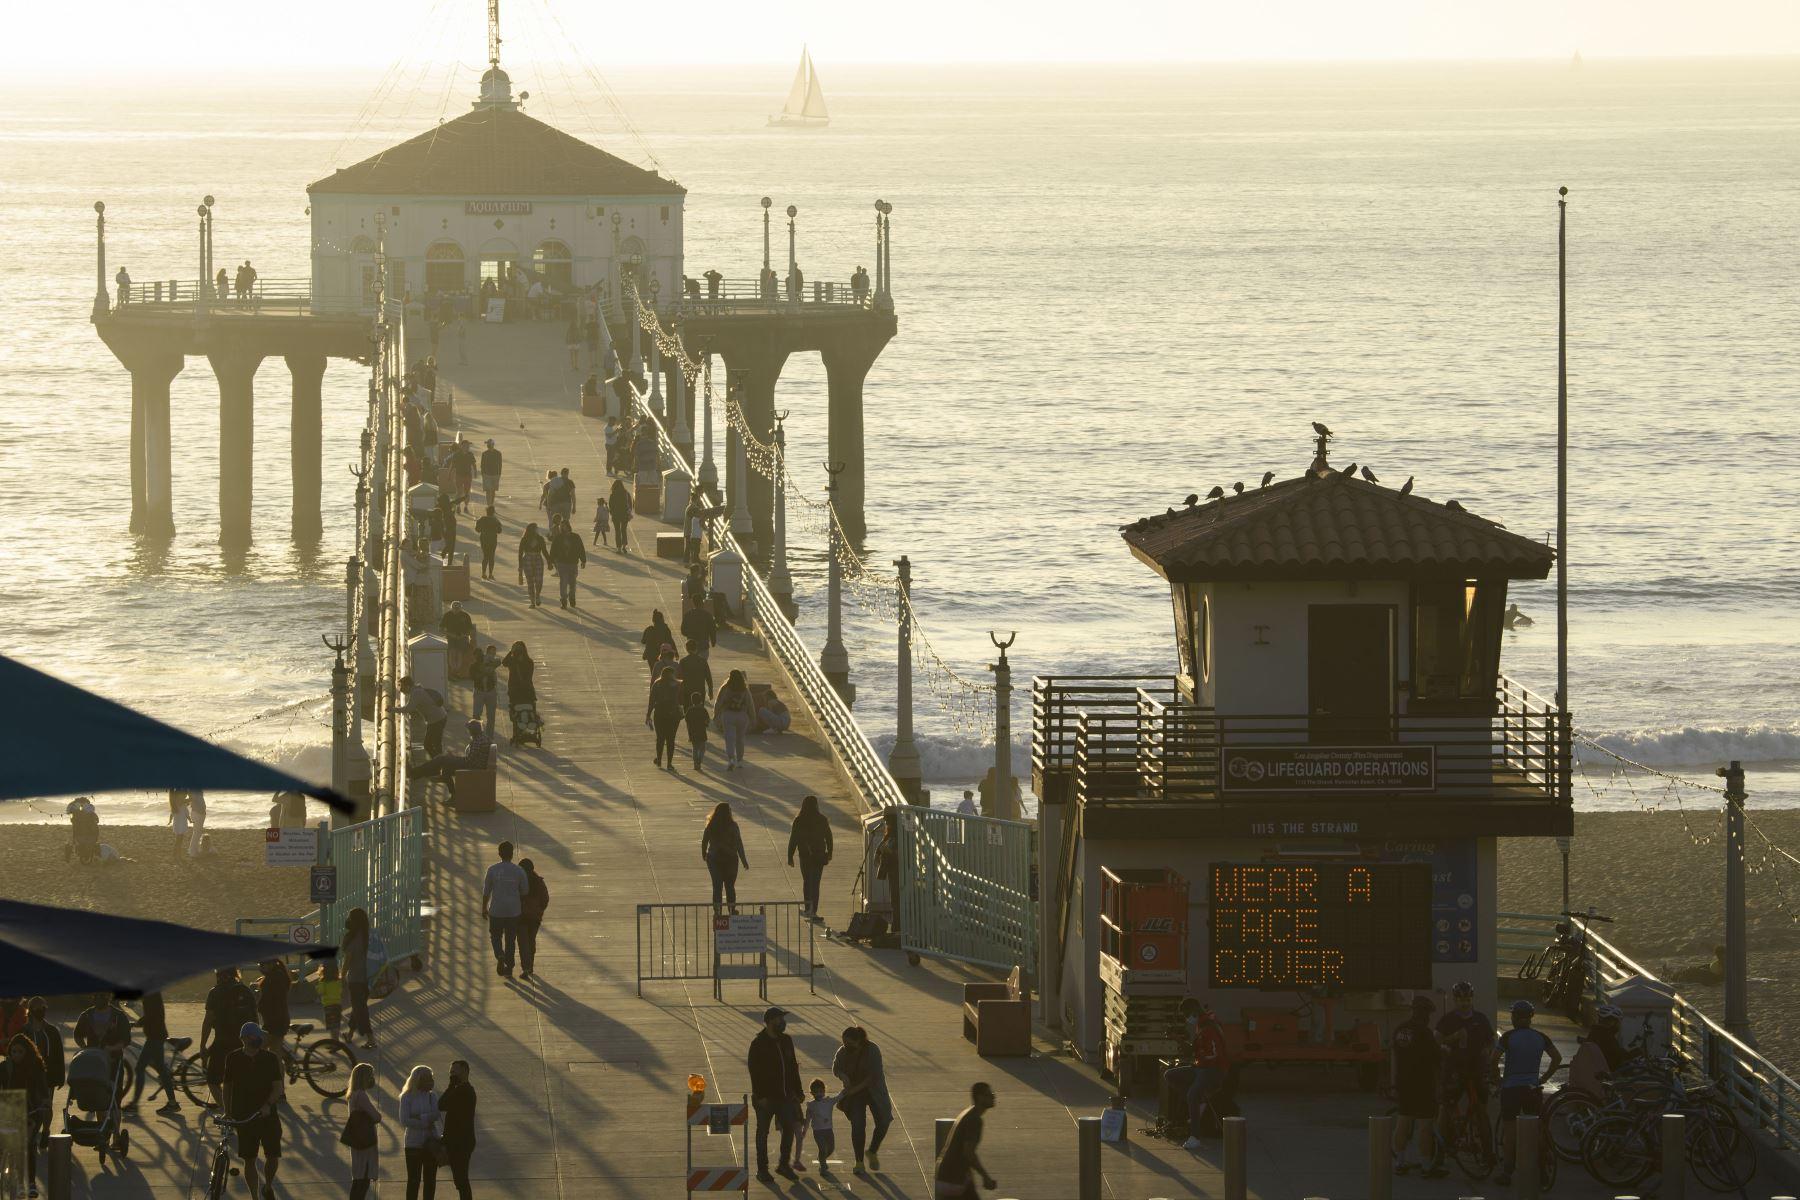 La gente camina en el muelle en Manhattan Beach, California, unas horas antes del inicio del nuevo toque de queda. Foto: AFP